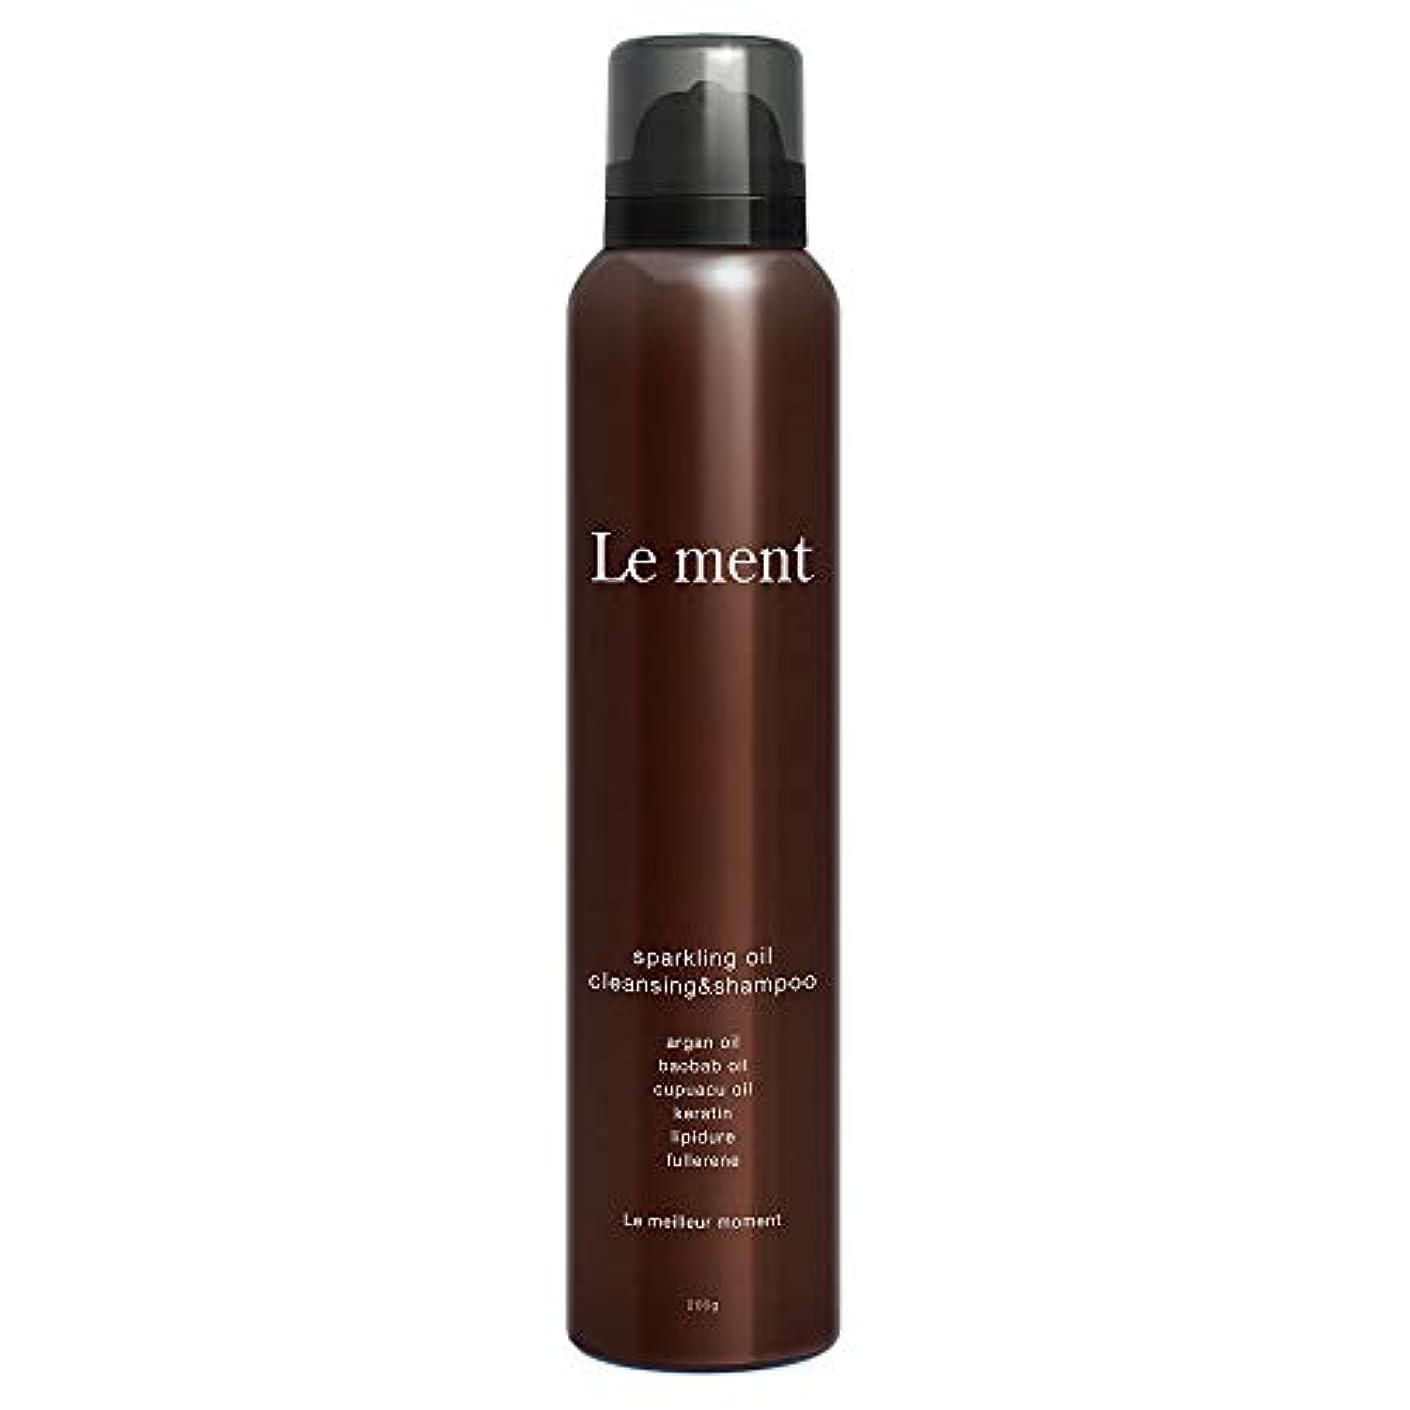 人里離れたリップメトリックLe ment -sparkling oil cleansing & shampoo -